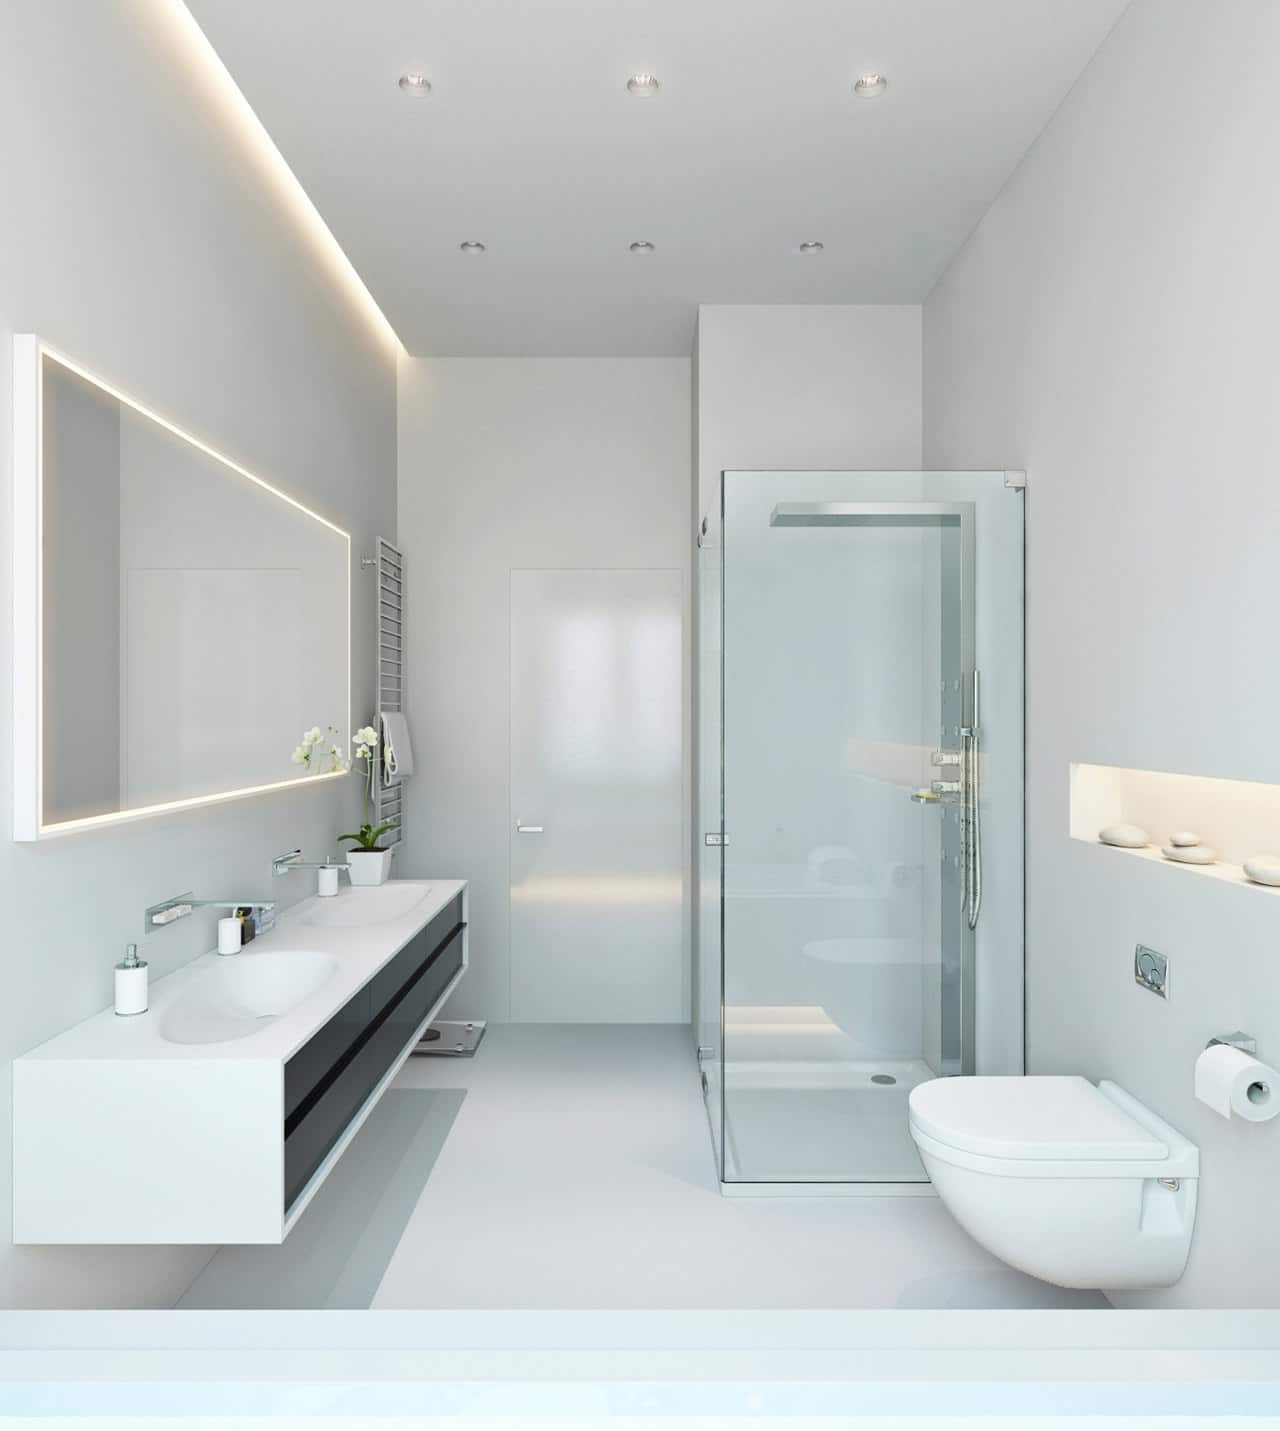 Iluminacion Baño Moderno:Cuartos De Bano Modernos